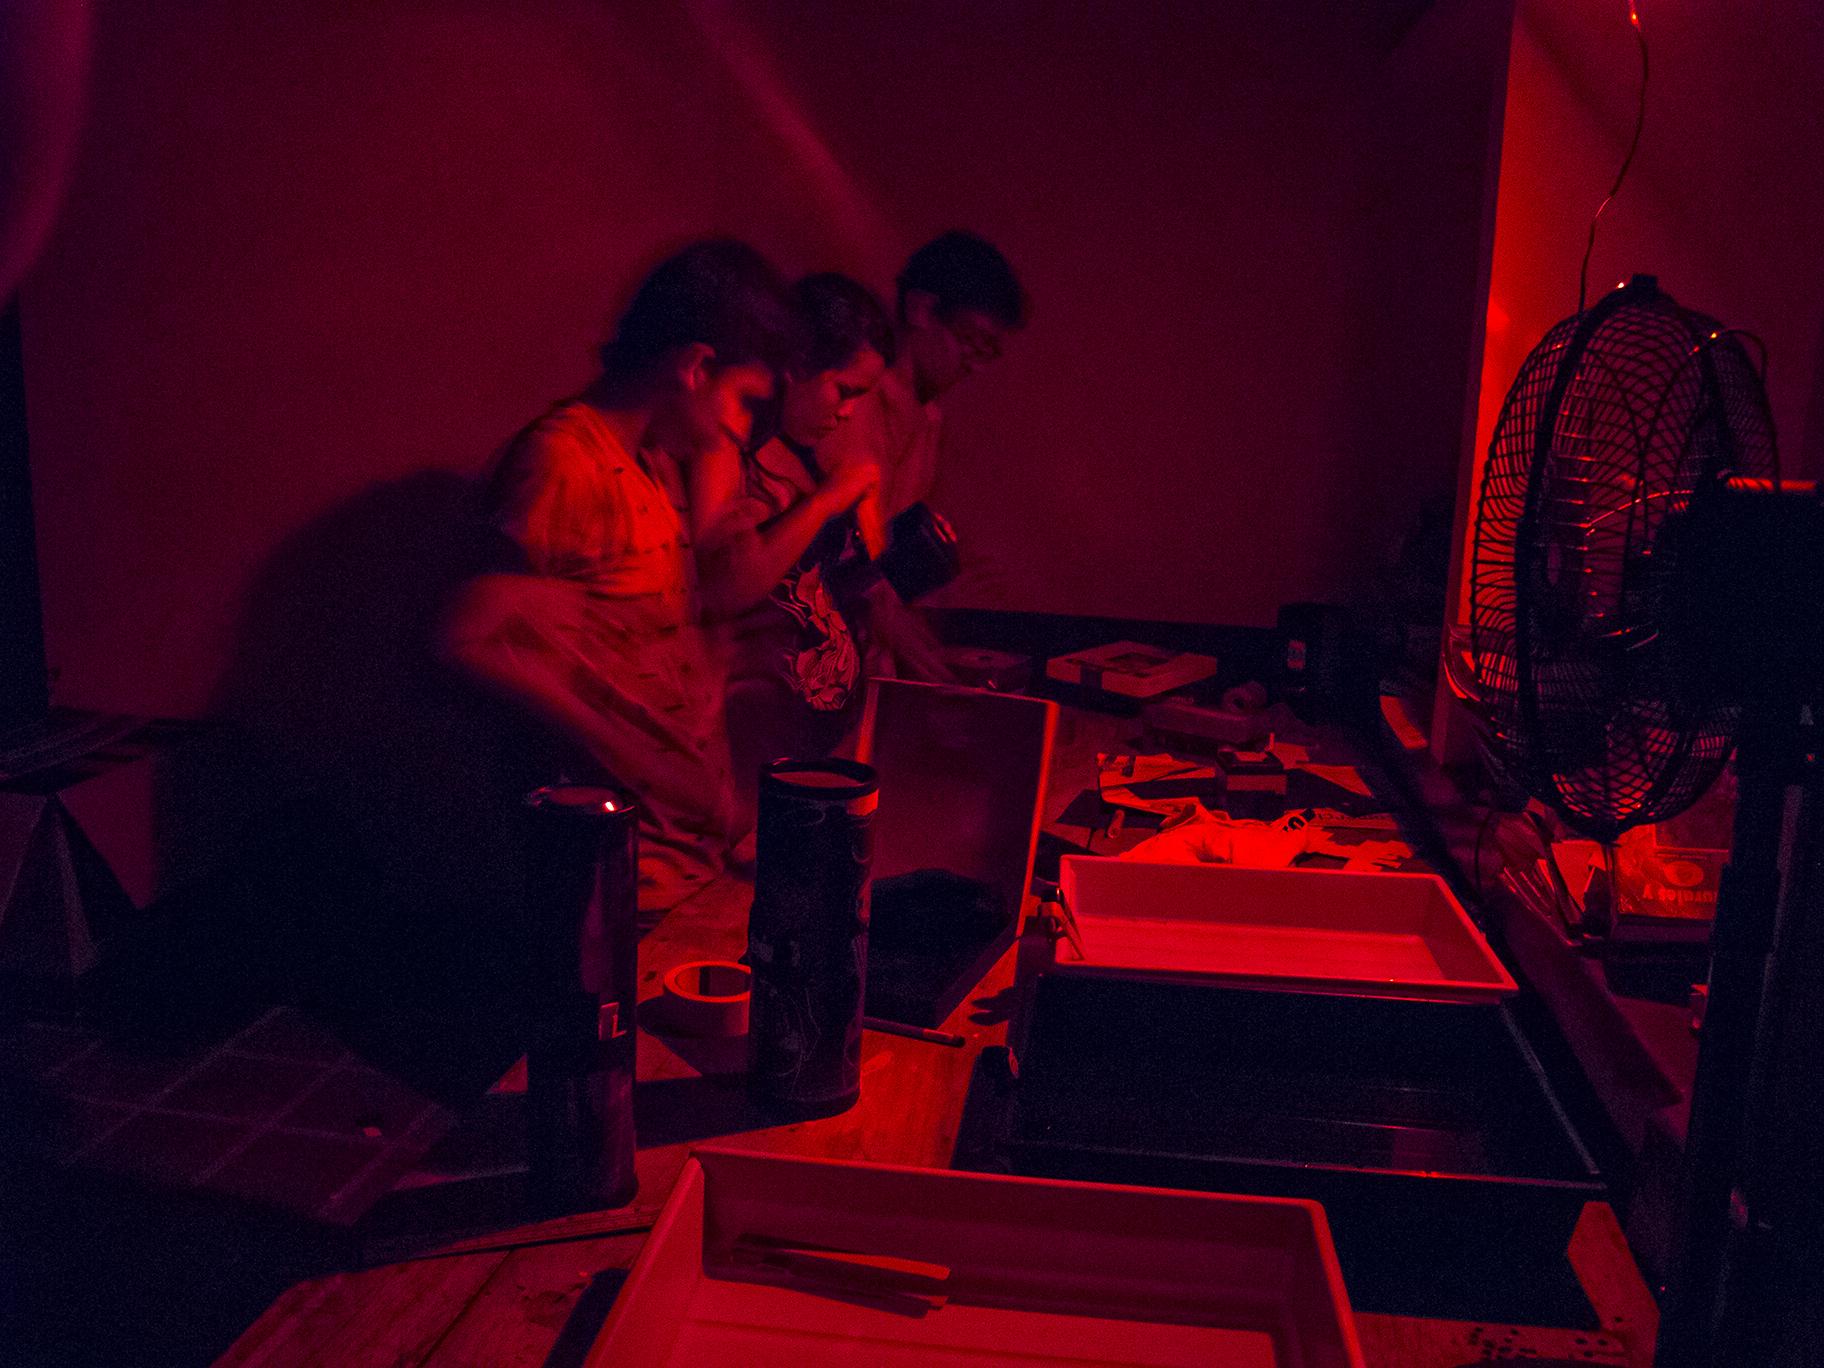 cuarto oscuro 002_10.jpg